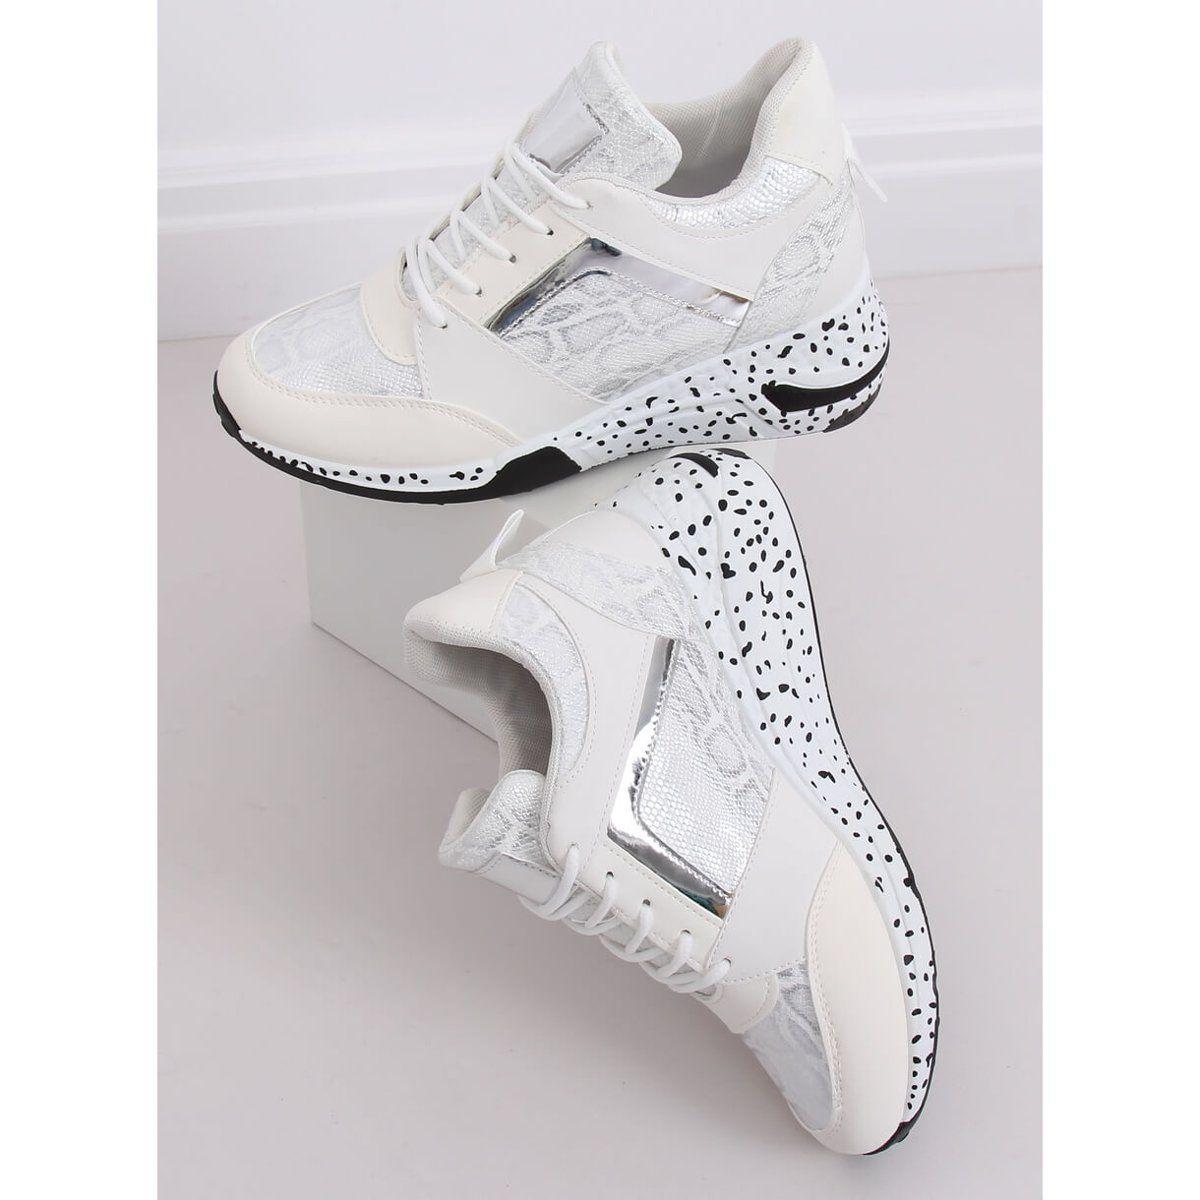 Buty Sportowe Na Koturnie Biale C131 Blanco Sneakers Nike Shoes Nike Huarache